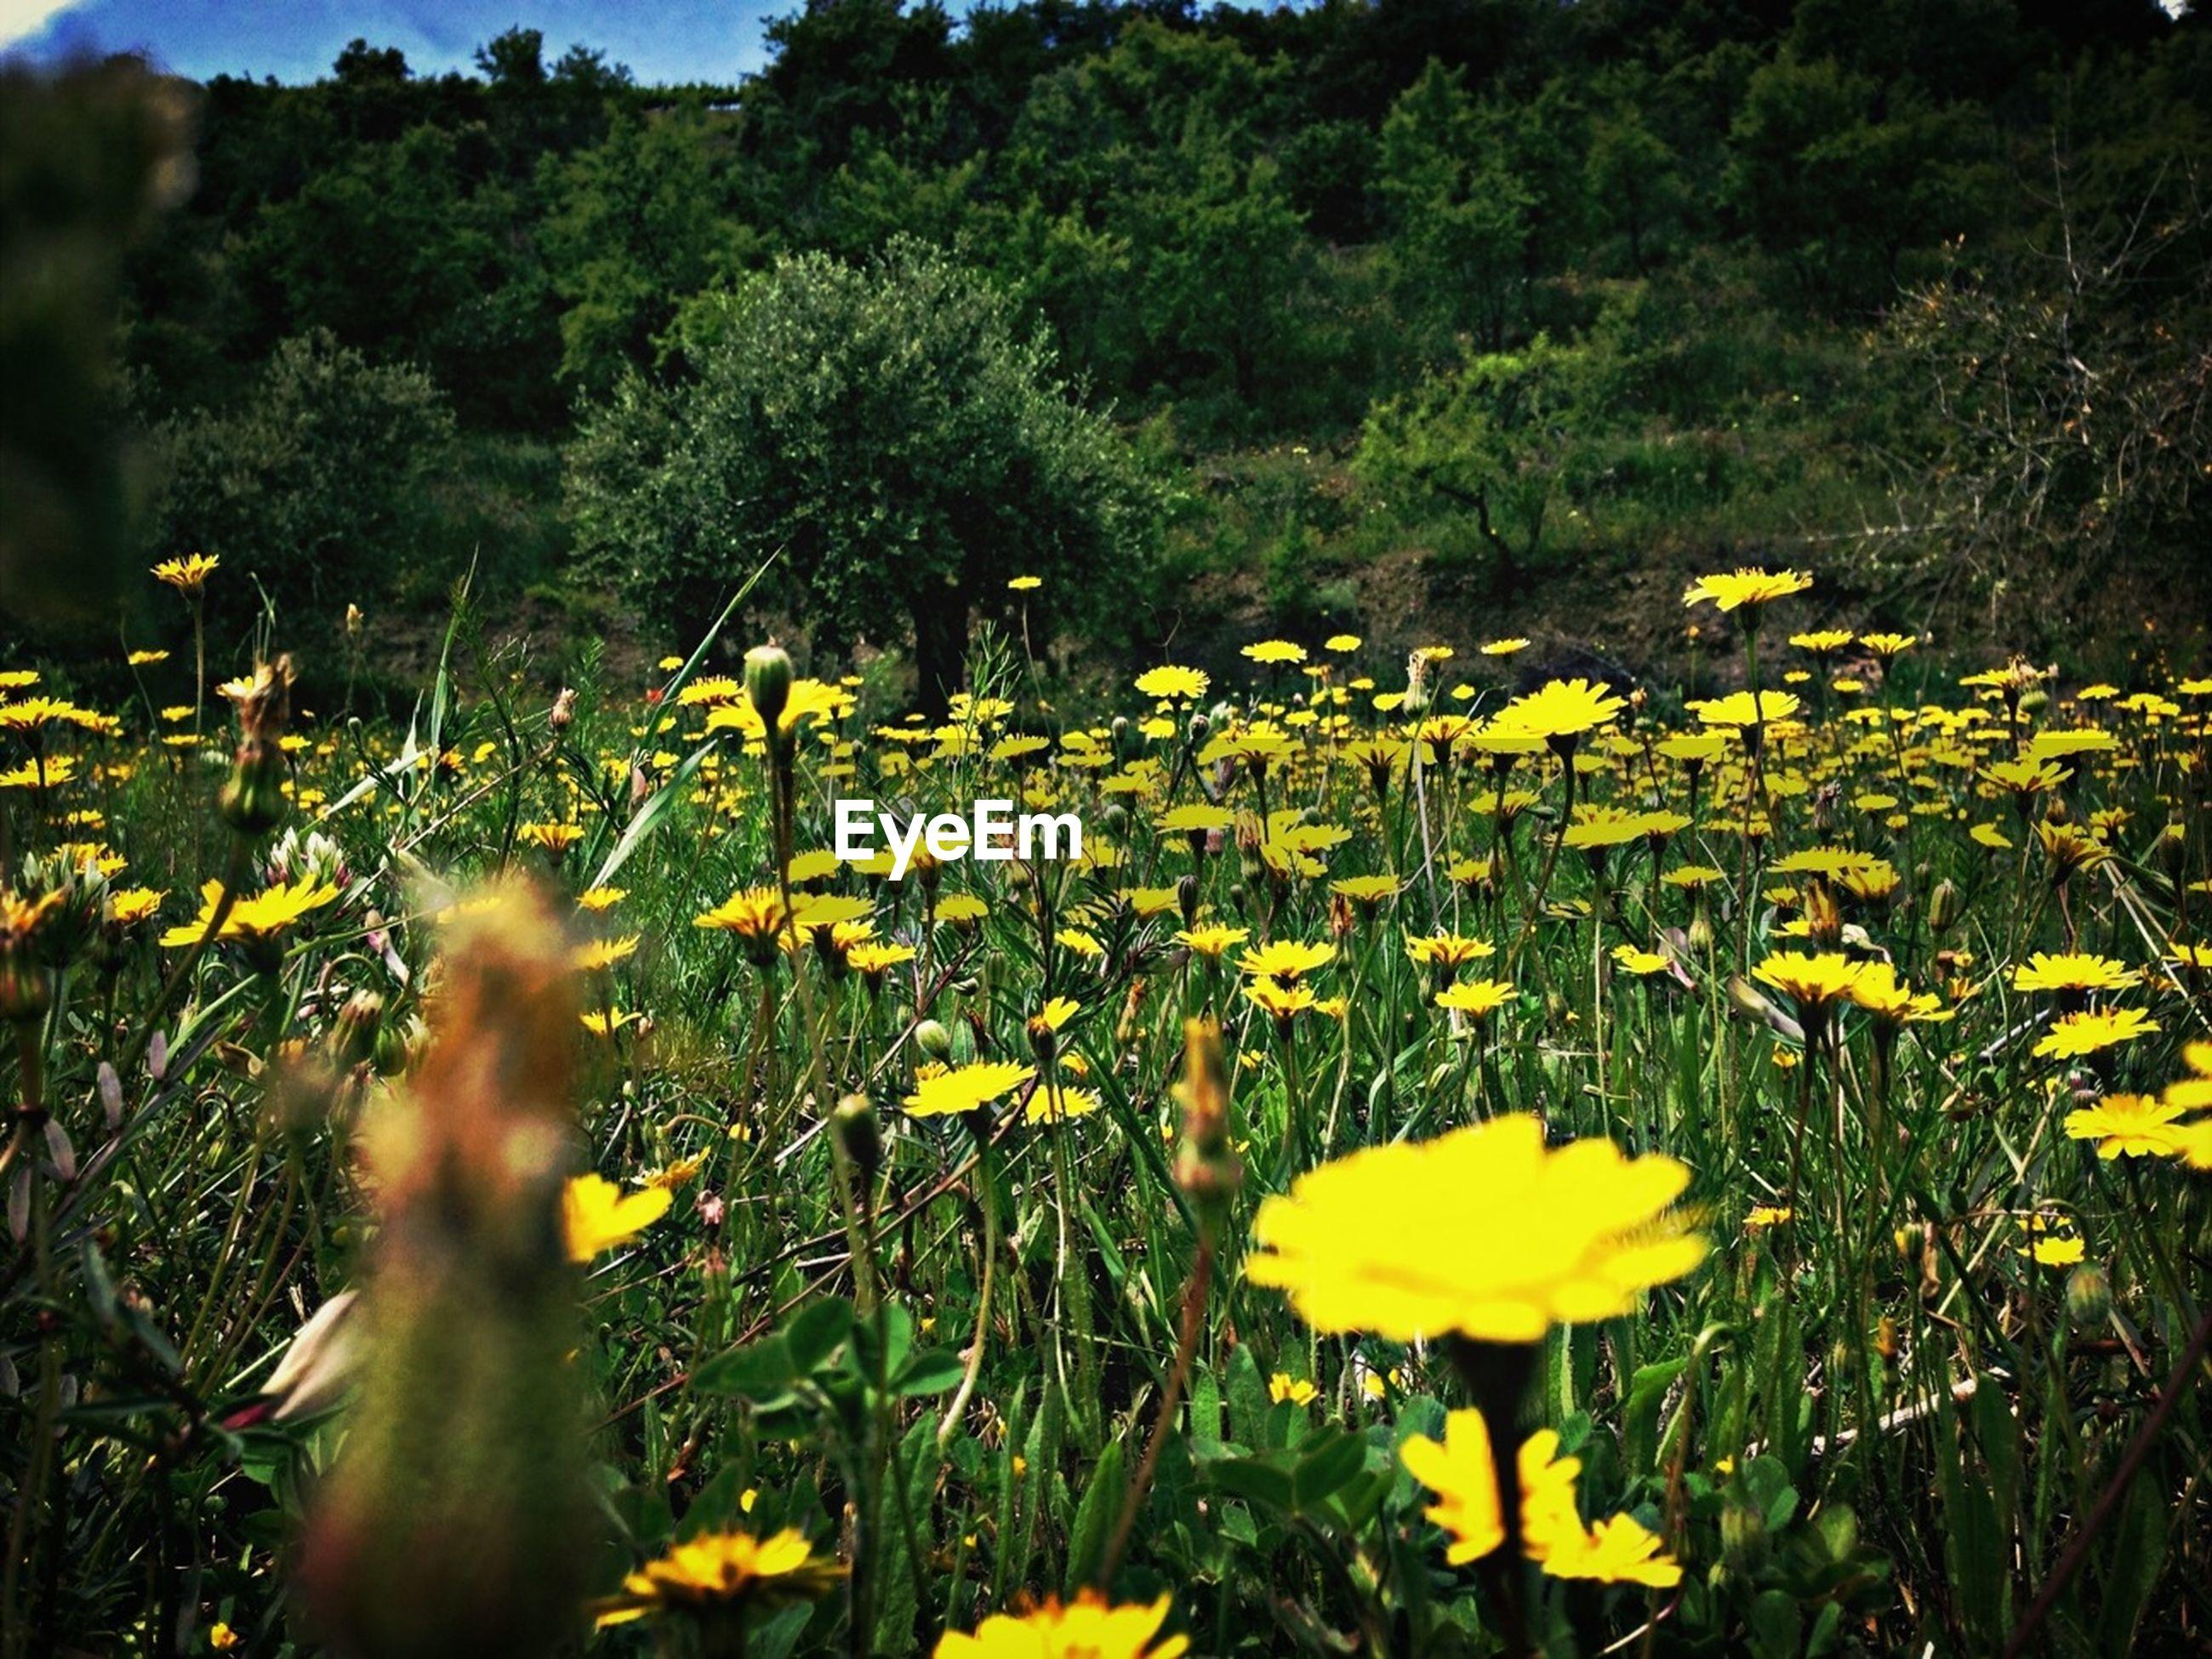 Flowers in meadow